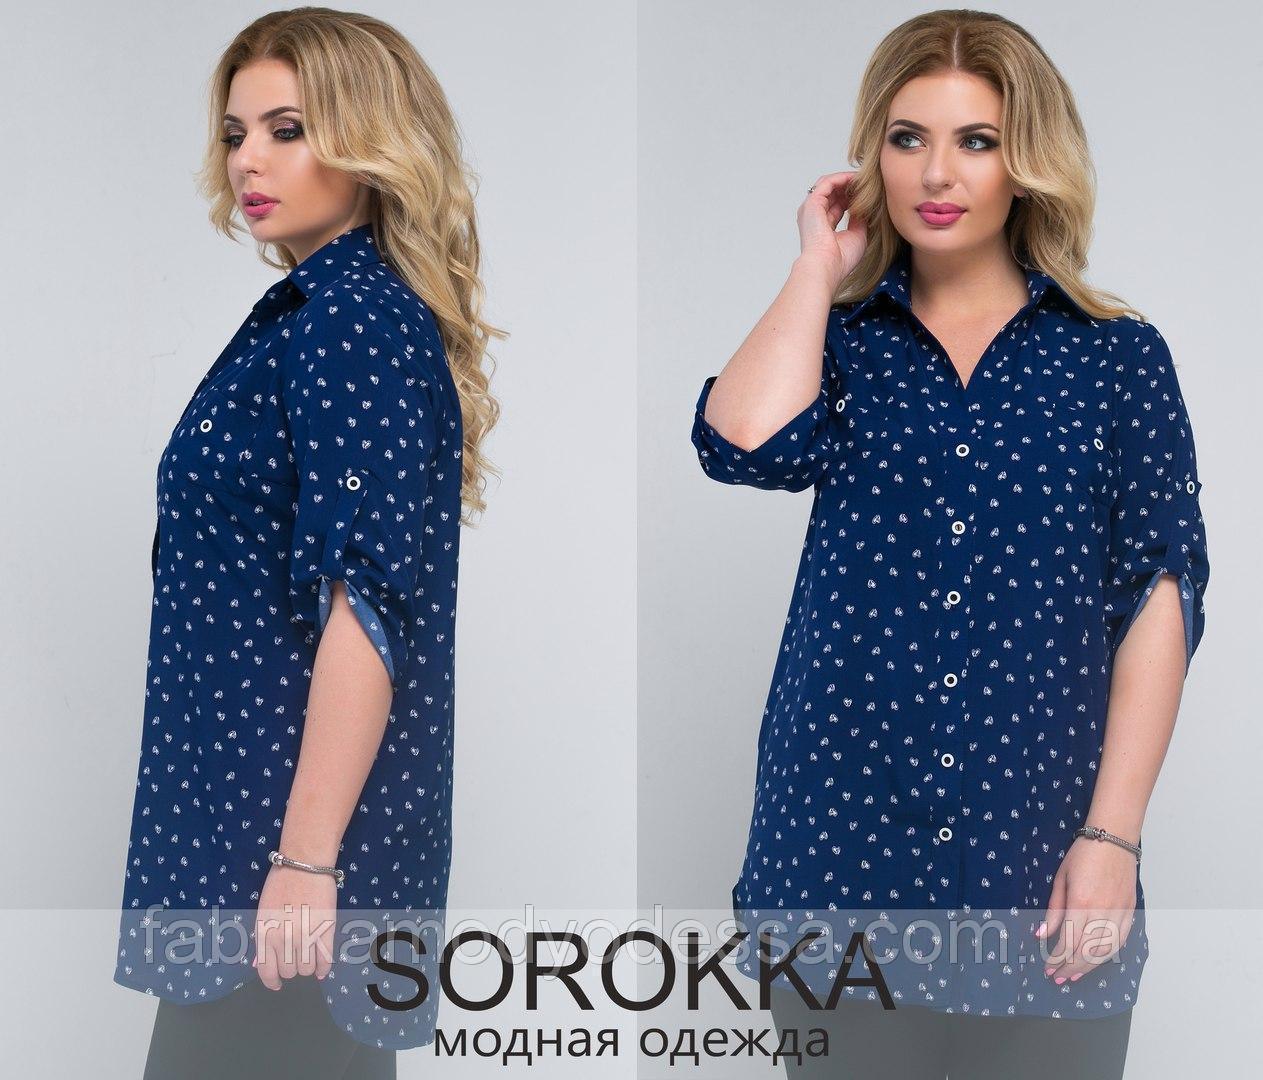 a046daa0e89a Удлиненная летняя женская рубашка большого размера